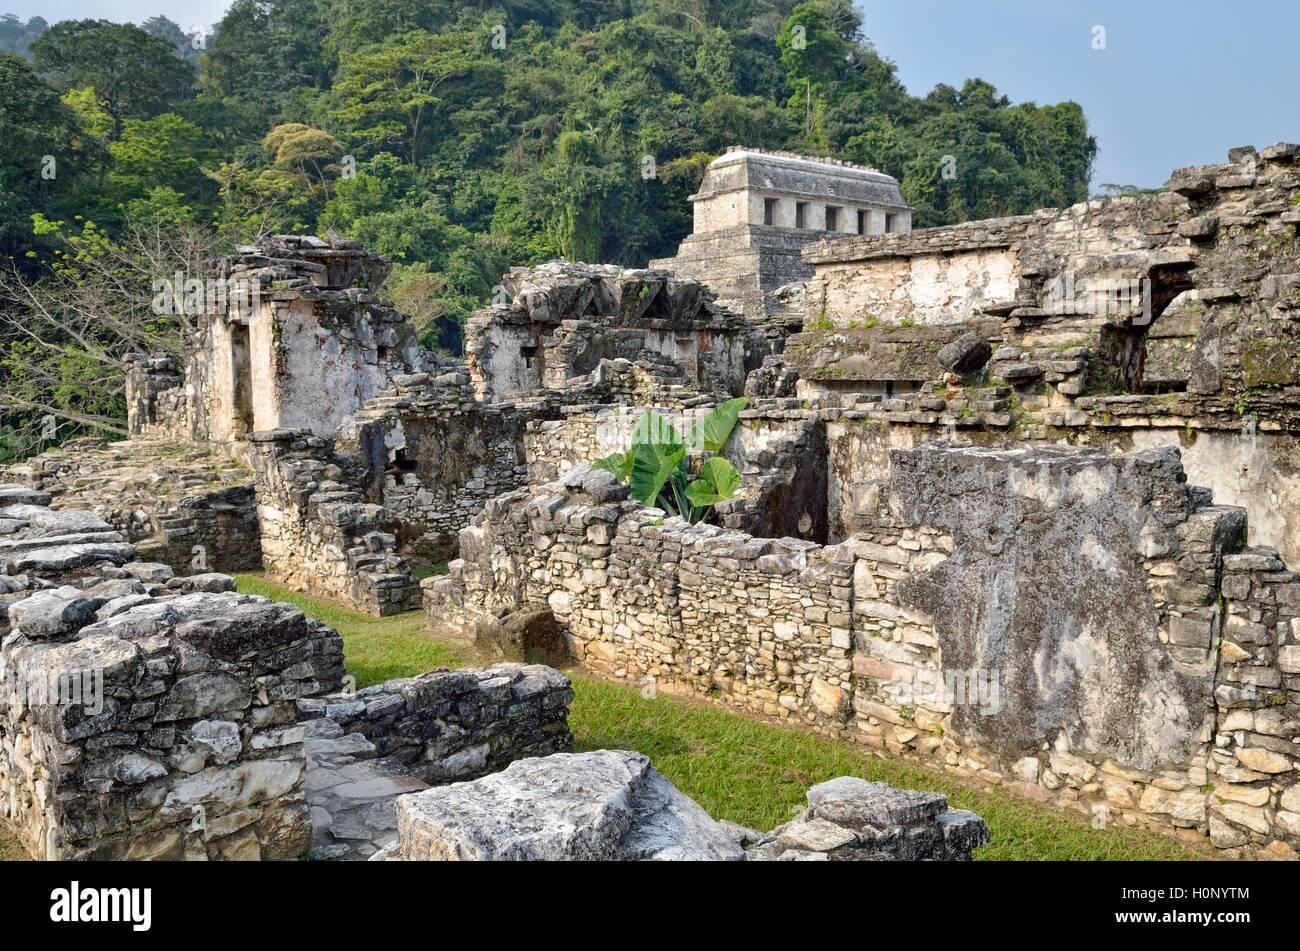 El Palacio, partial view, Temple of Inscriptions behind, Mayan ruins of Palenque, Chiapas, Mexico - Stock Image